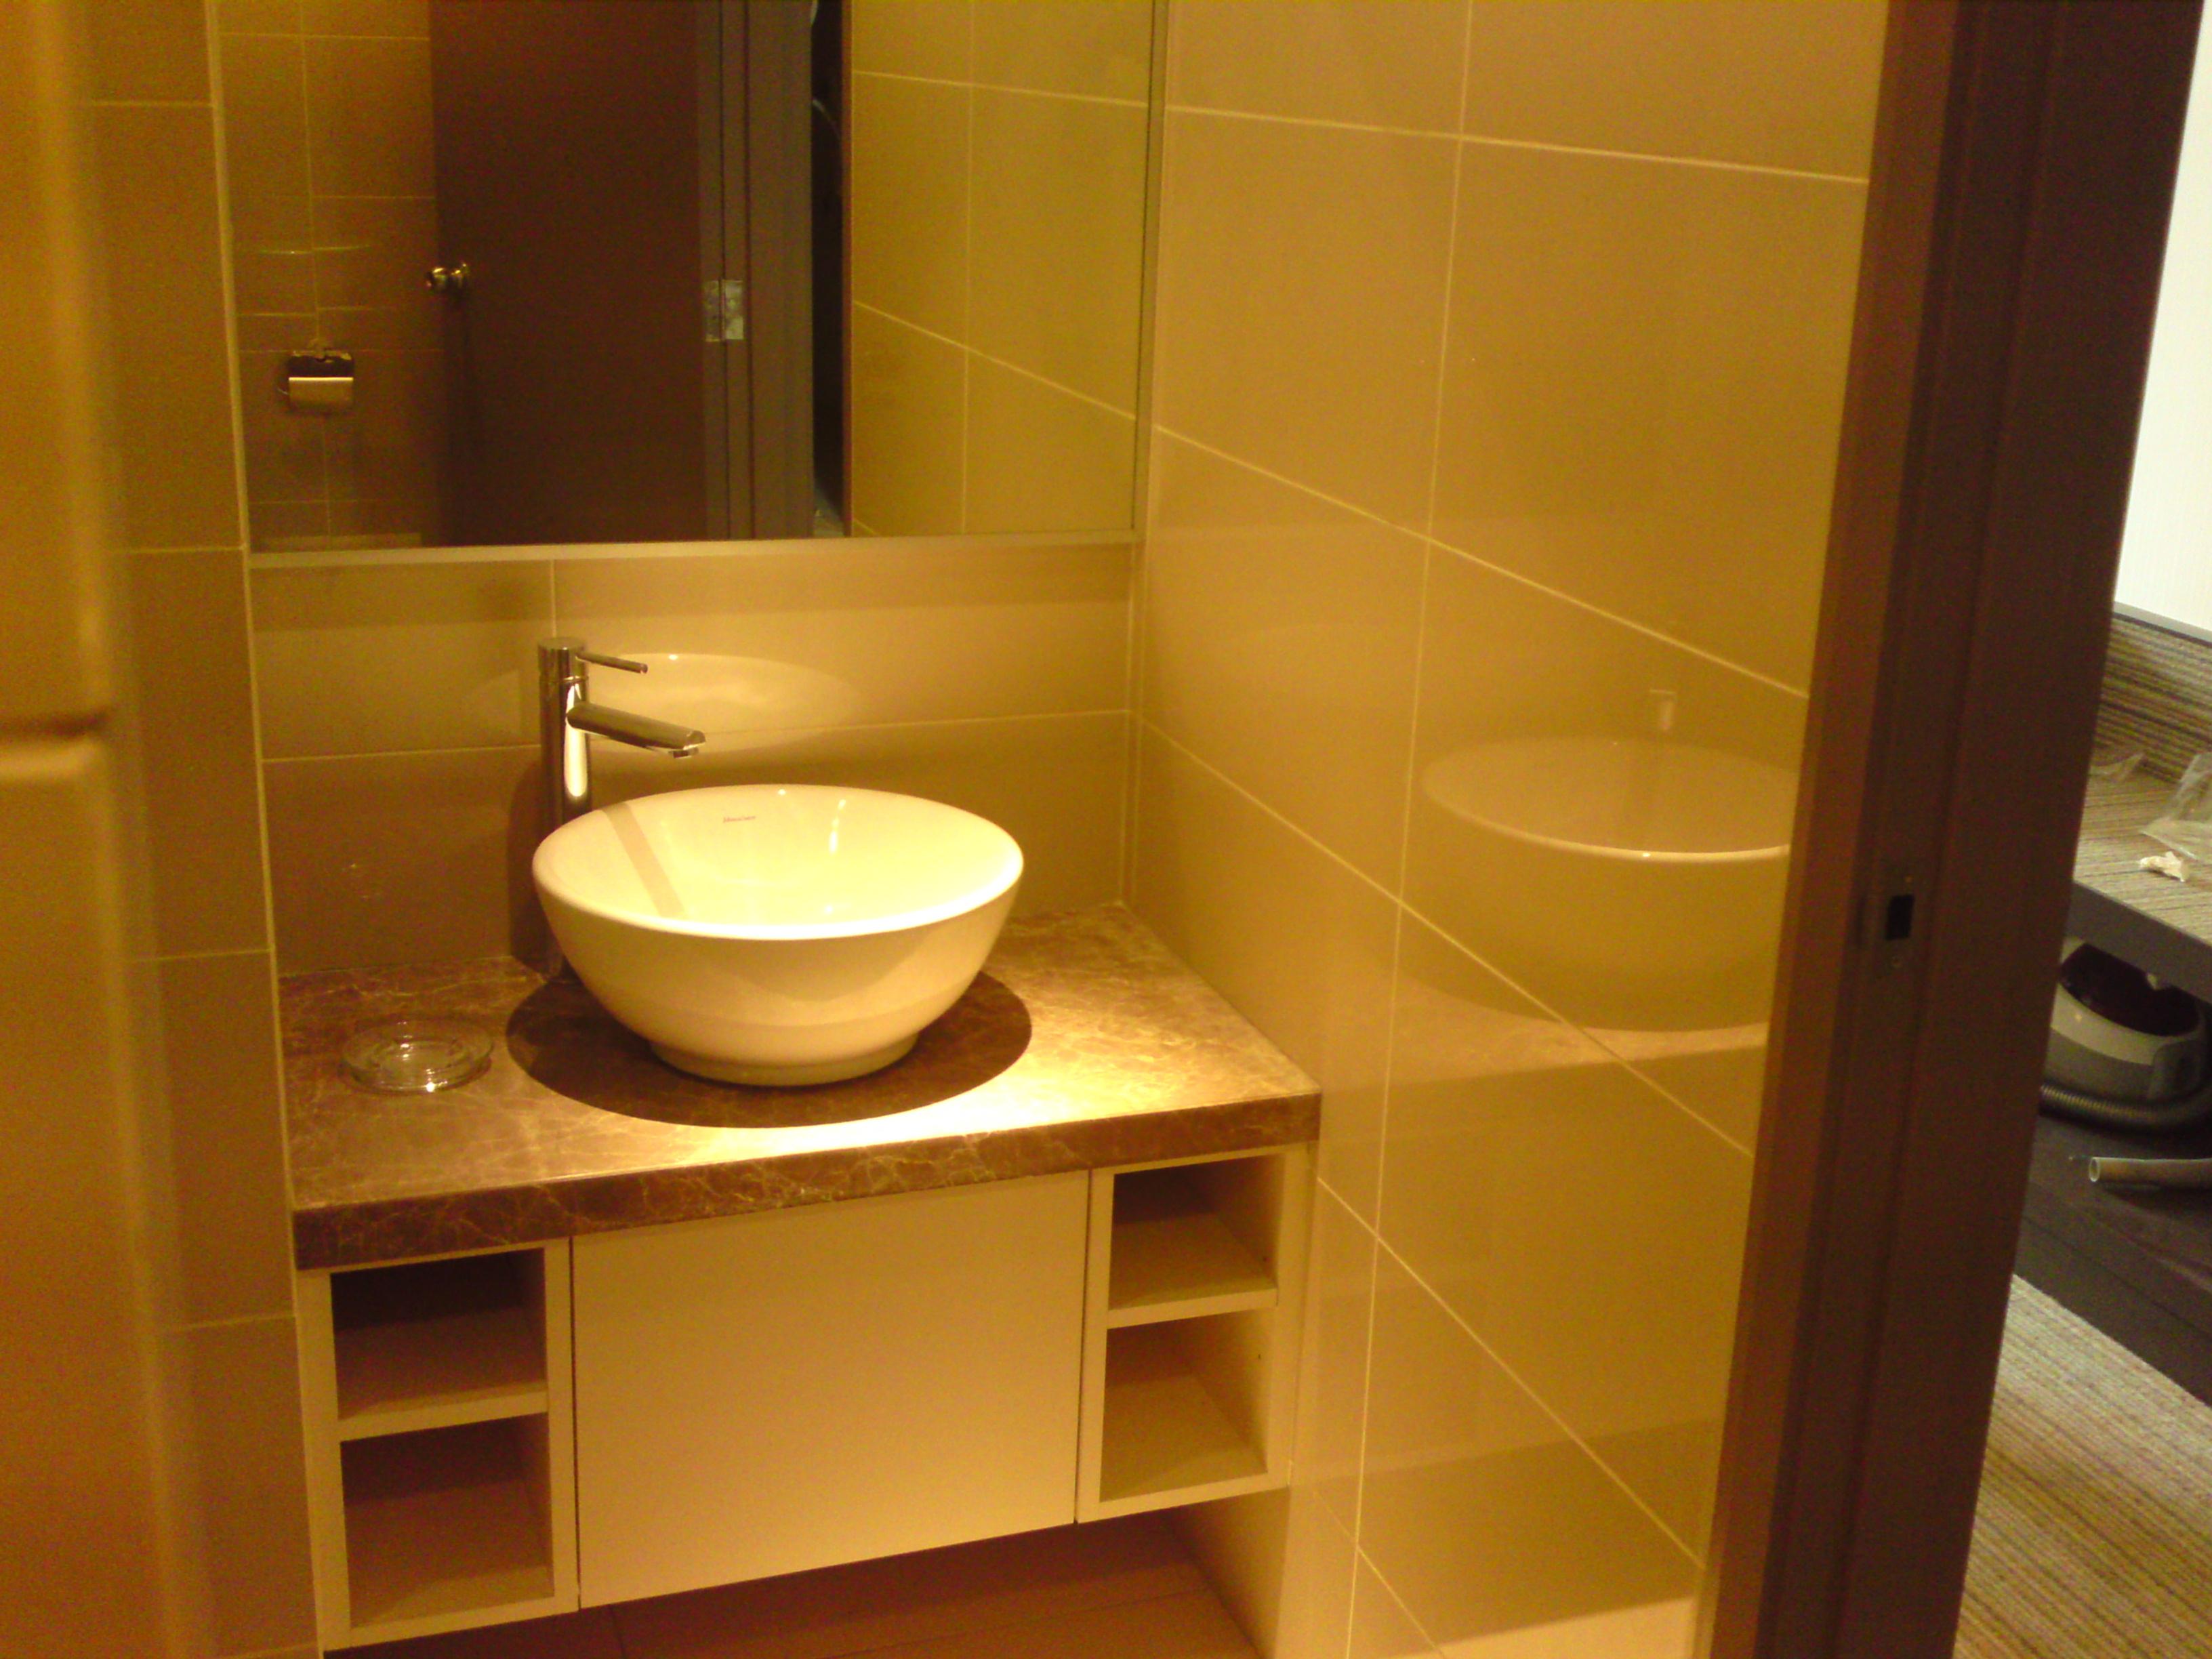 Hotel Bathroom Design Lky Renovation Works